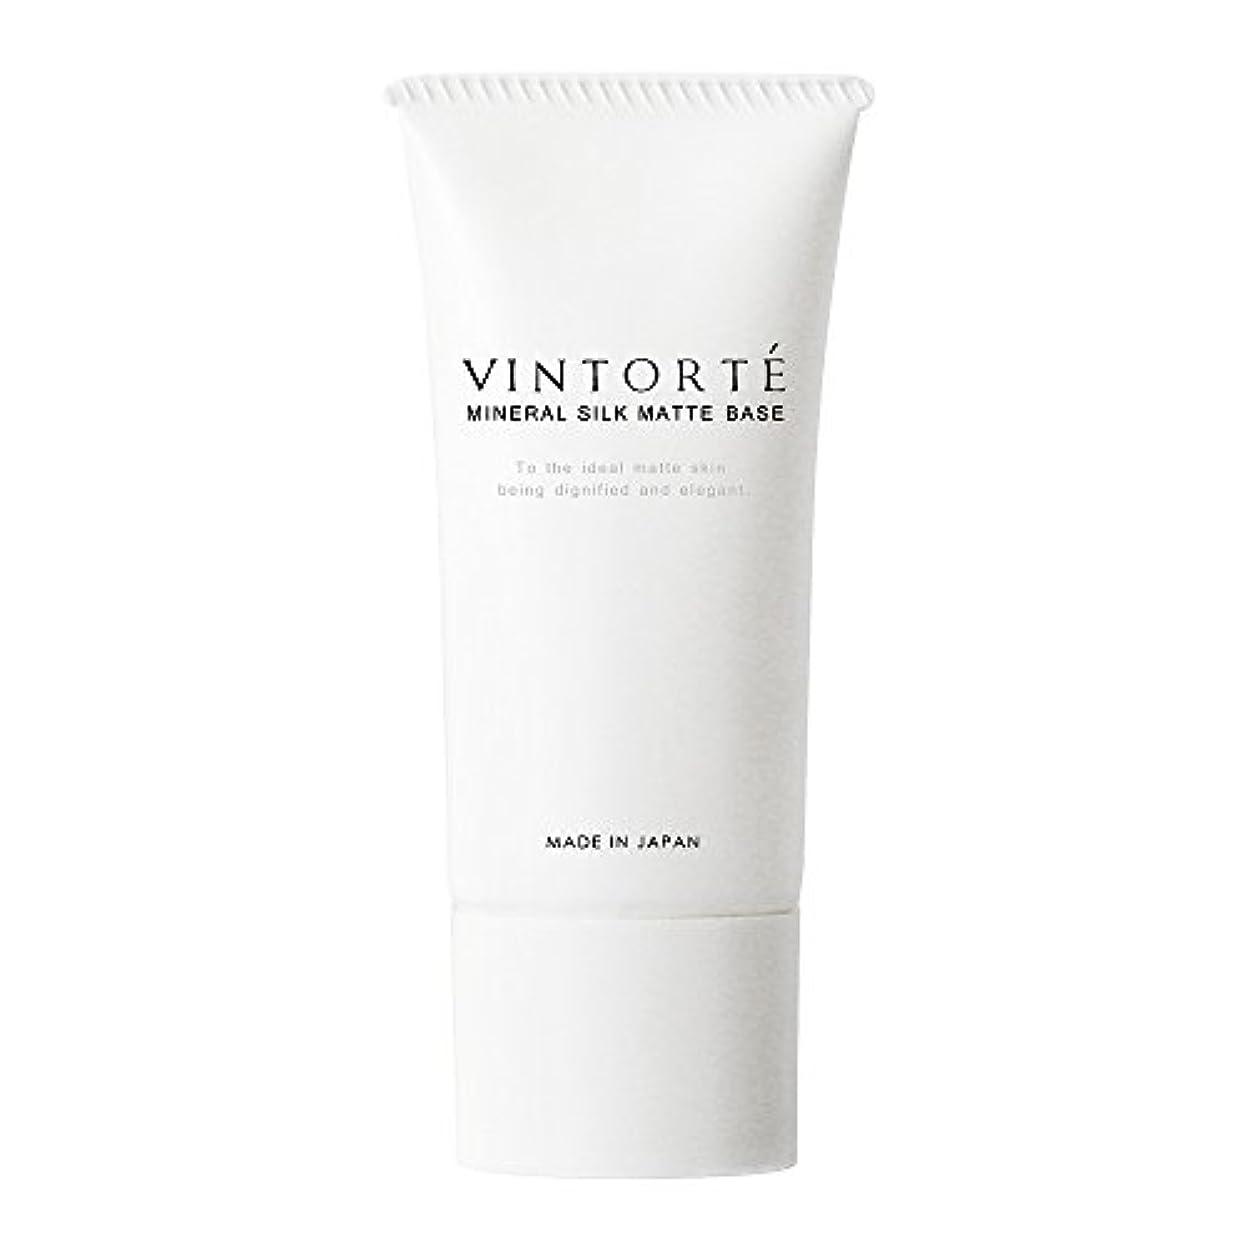 ブレスまたね方向VINTORTE ミネラル シルク マットベース ヴァントルテ 化粧下地 クリーム ベースメイク v-msmb